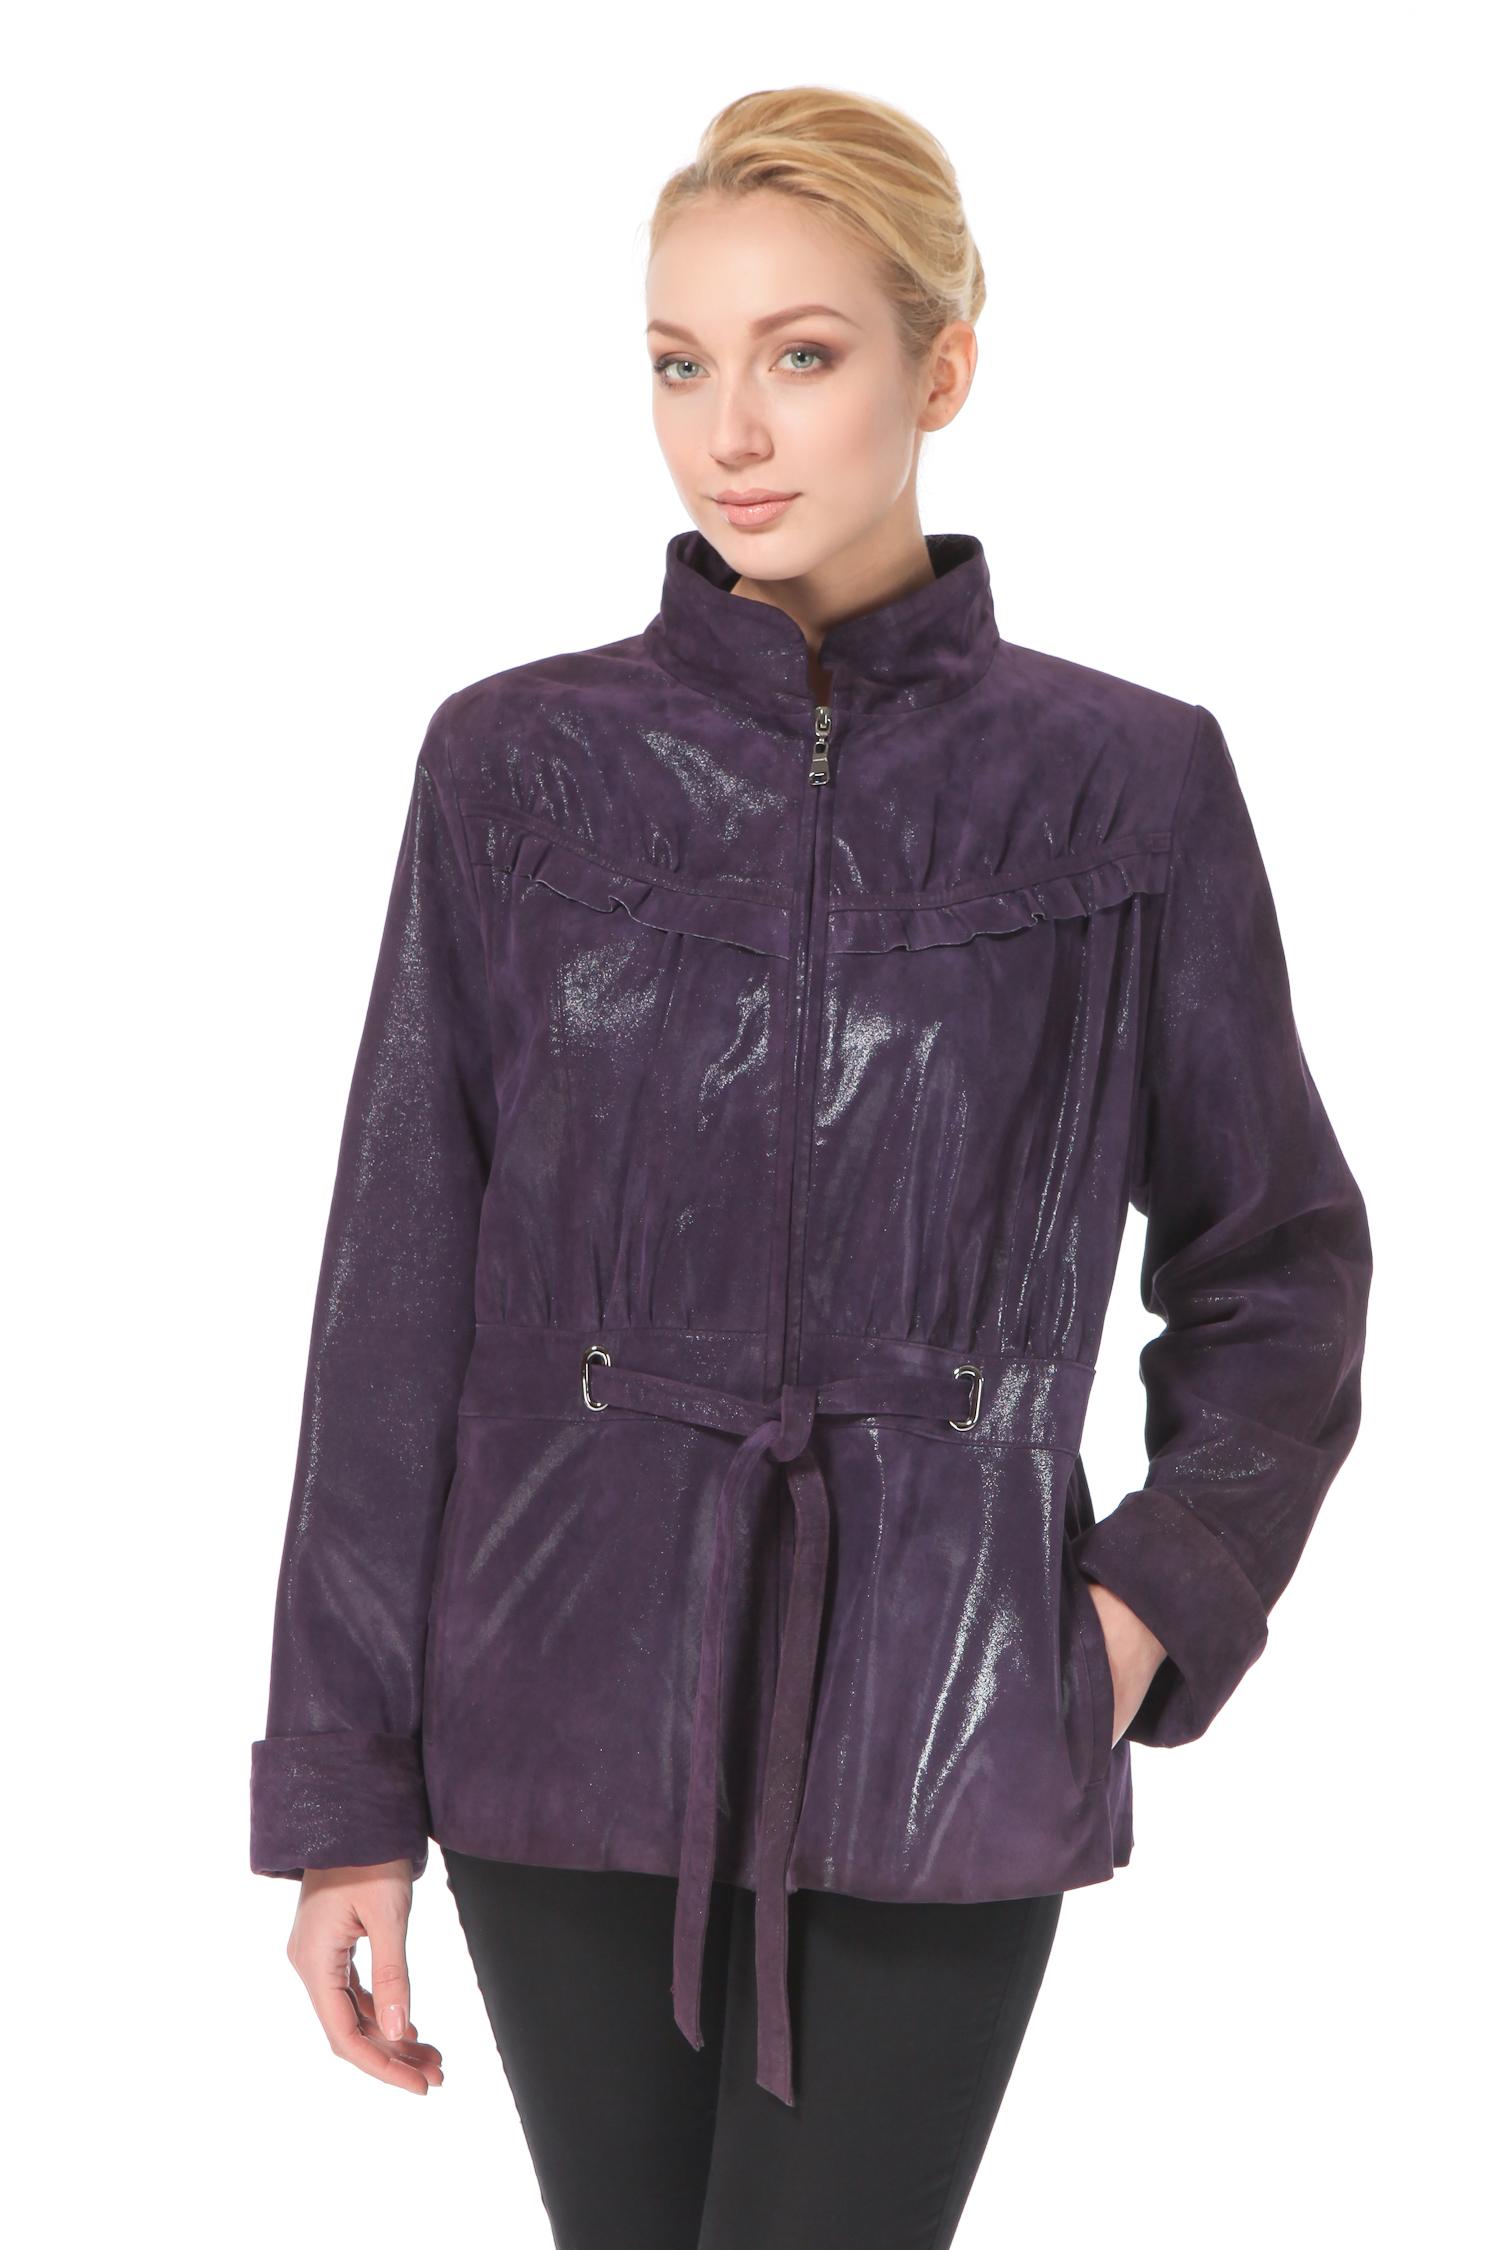 Женская кожаная куртка из натуральной замши с воротником, без отделки<br><br>Длина см: 65<br>Материал: Замша с накатом<br>Цвет: Фиолетовый<br>Пол: Женский